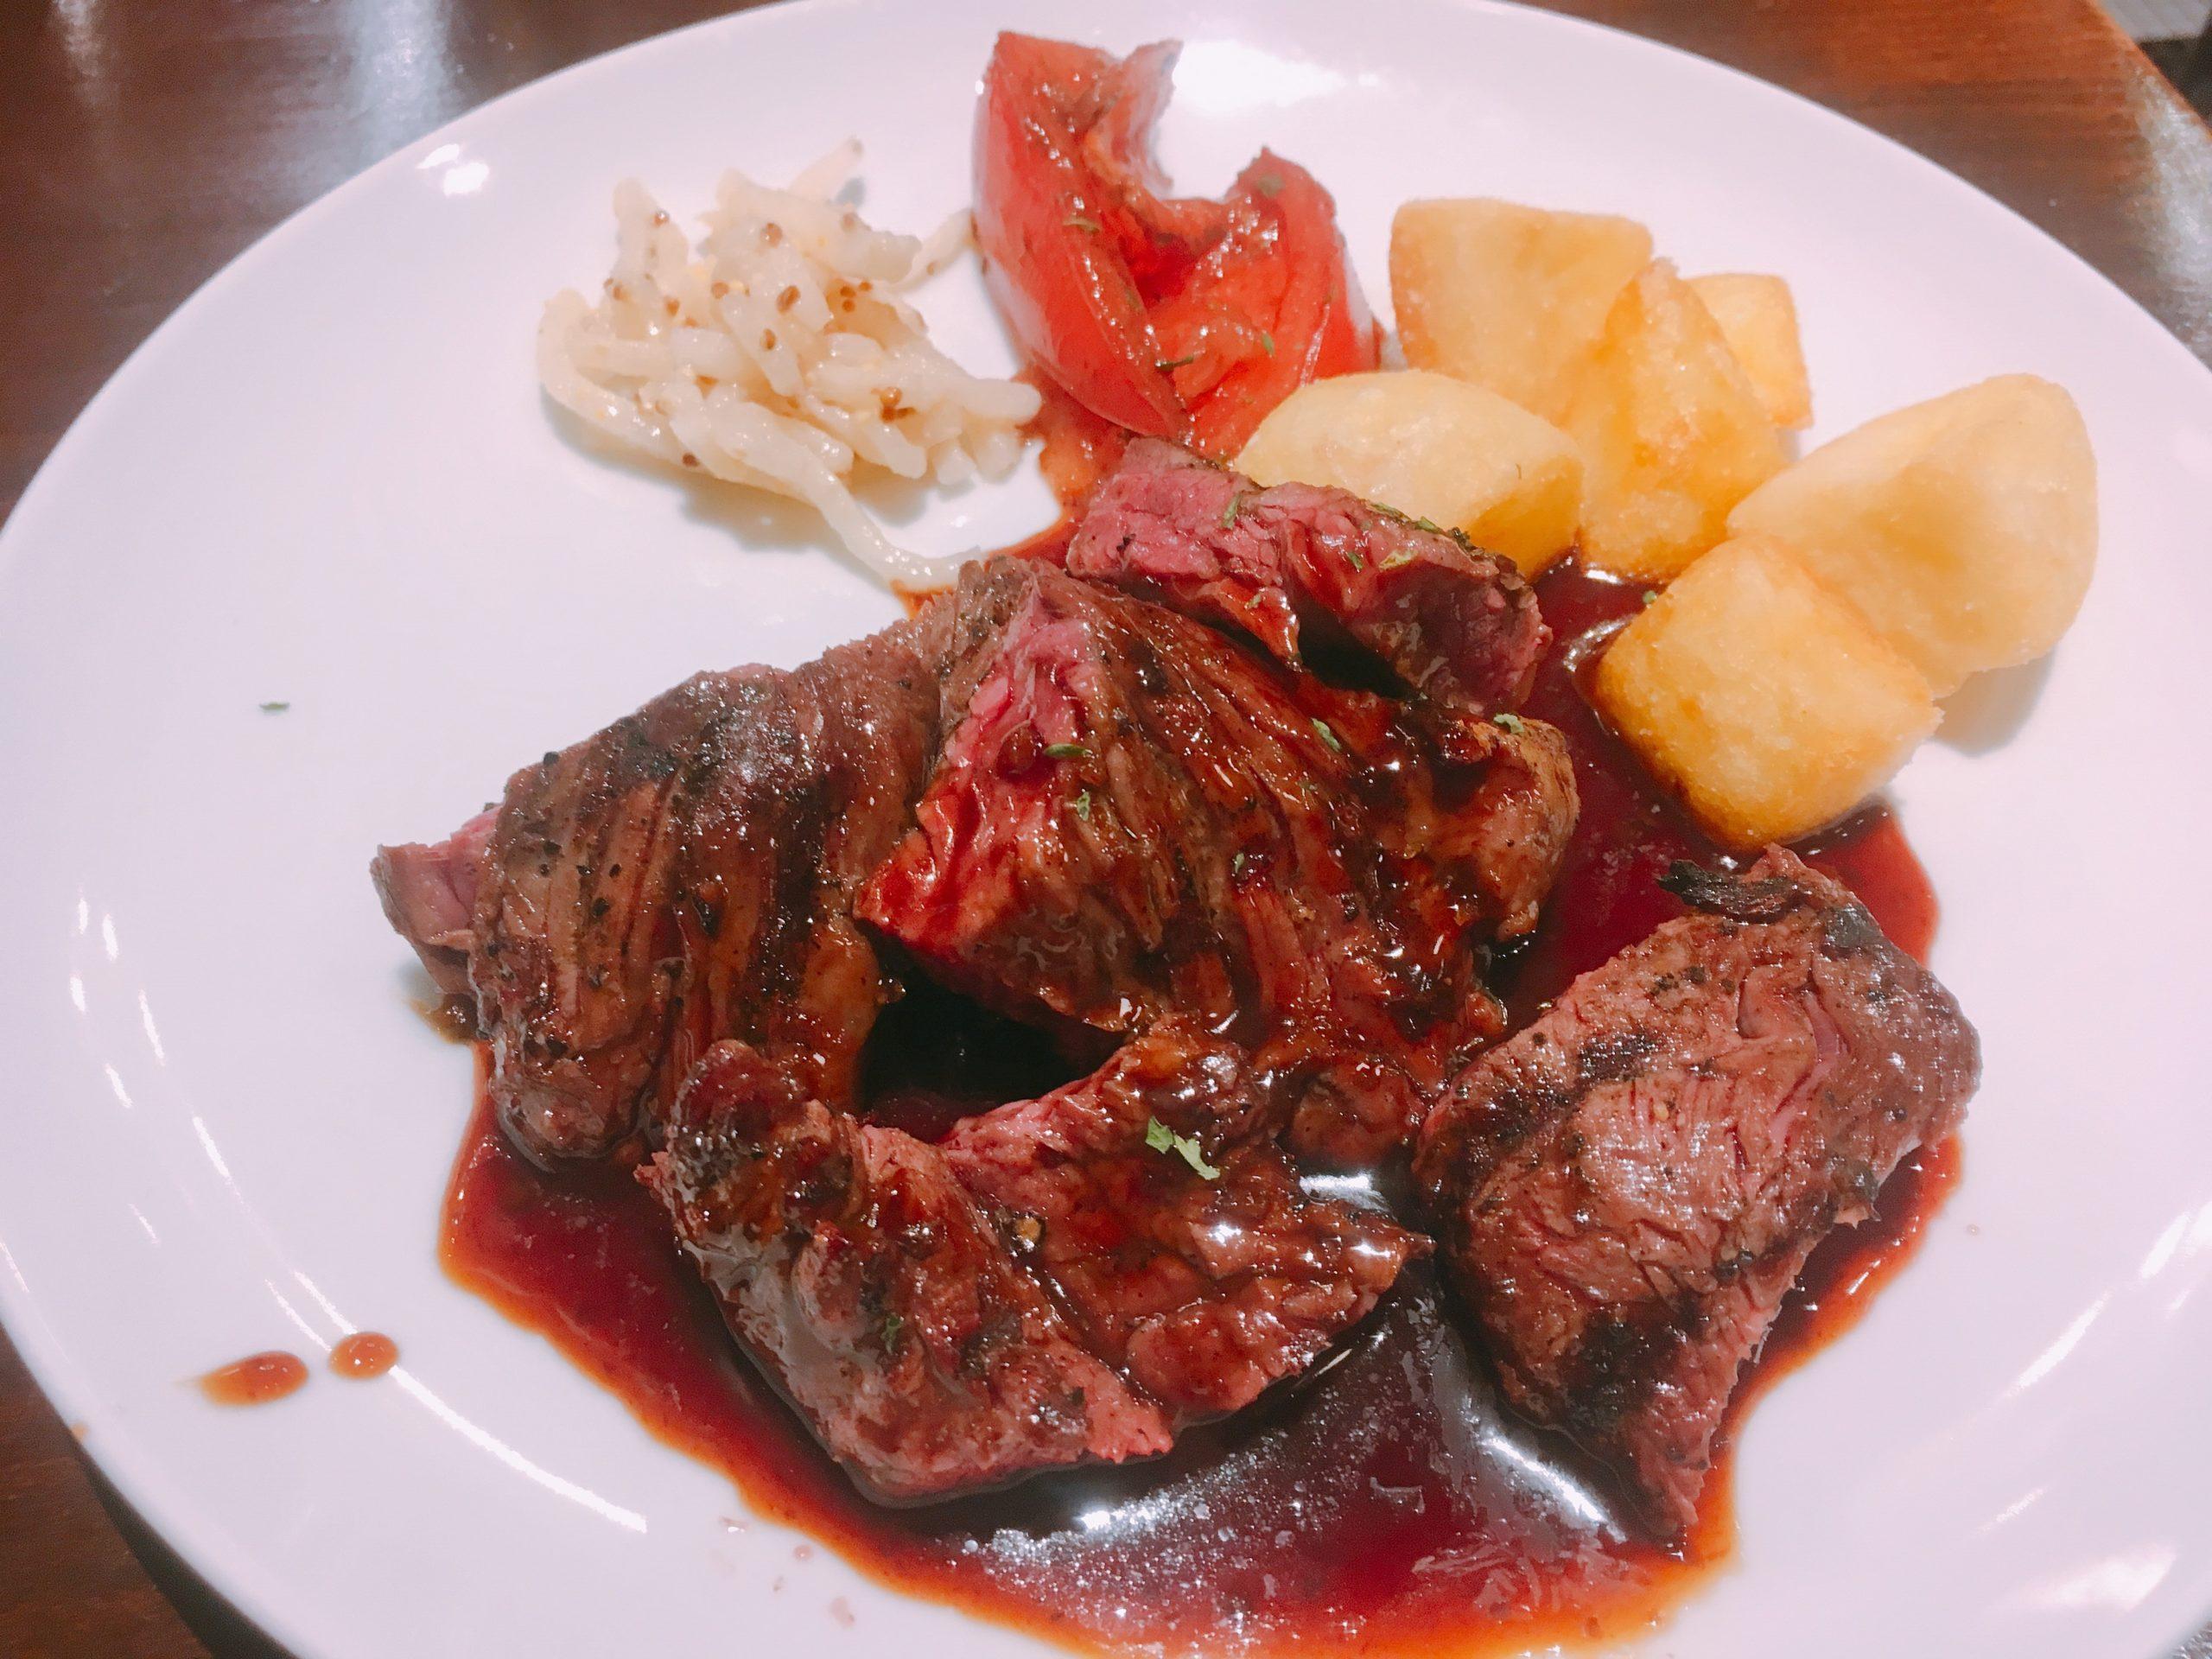 カルネリコカテテ新宿店のランチメニューのひとつ、牛ハラミのステーキ